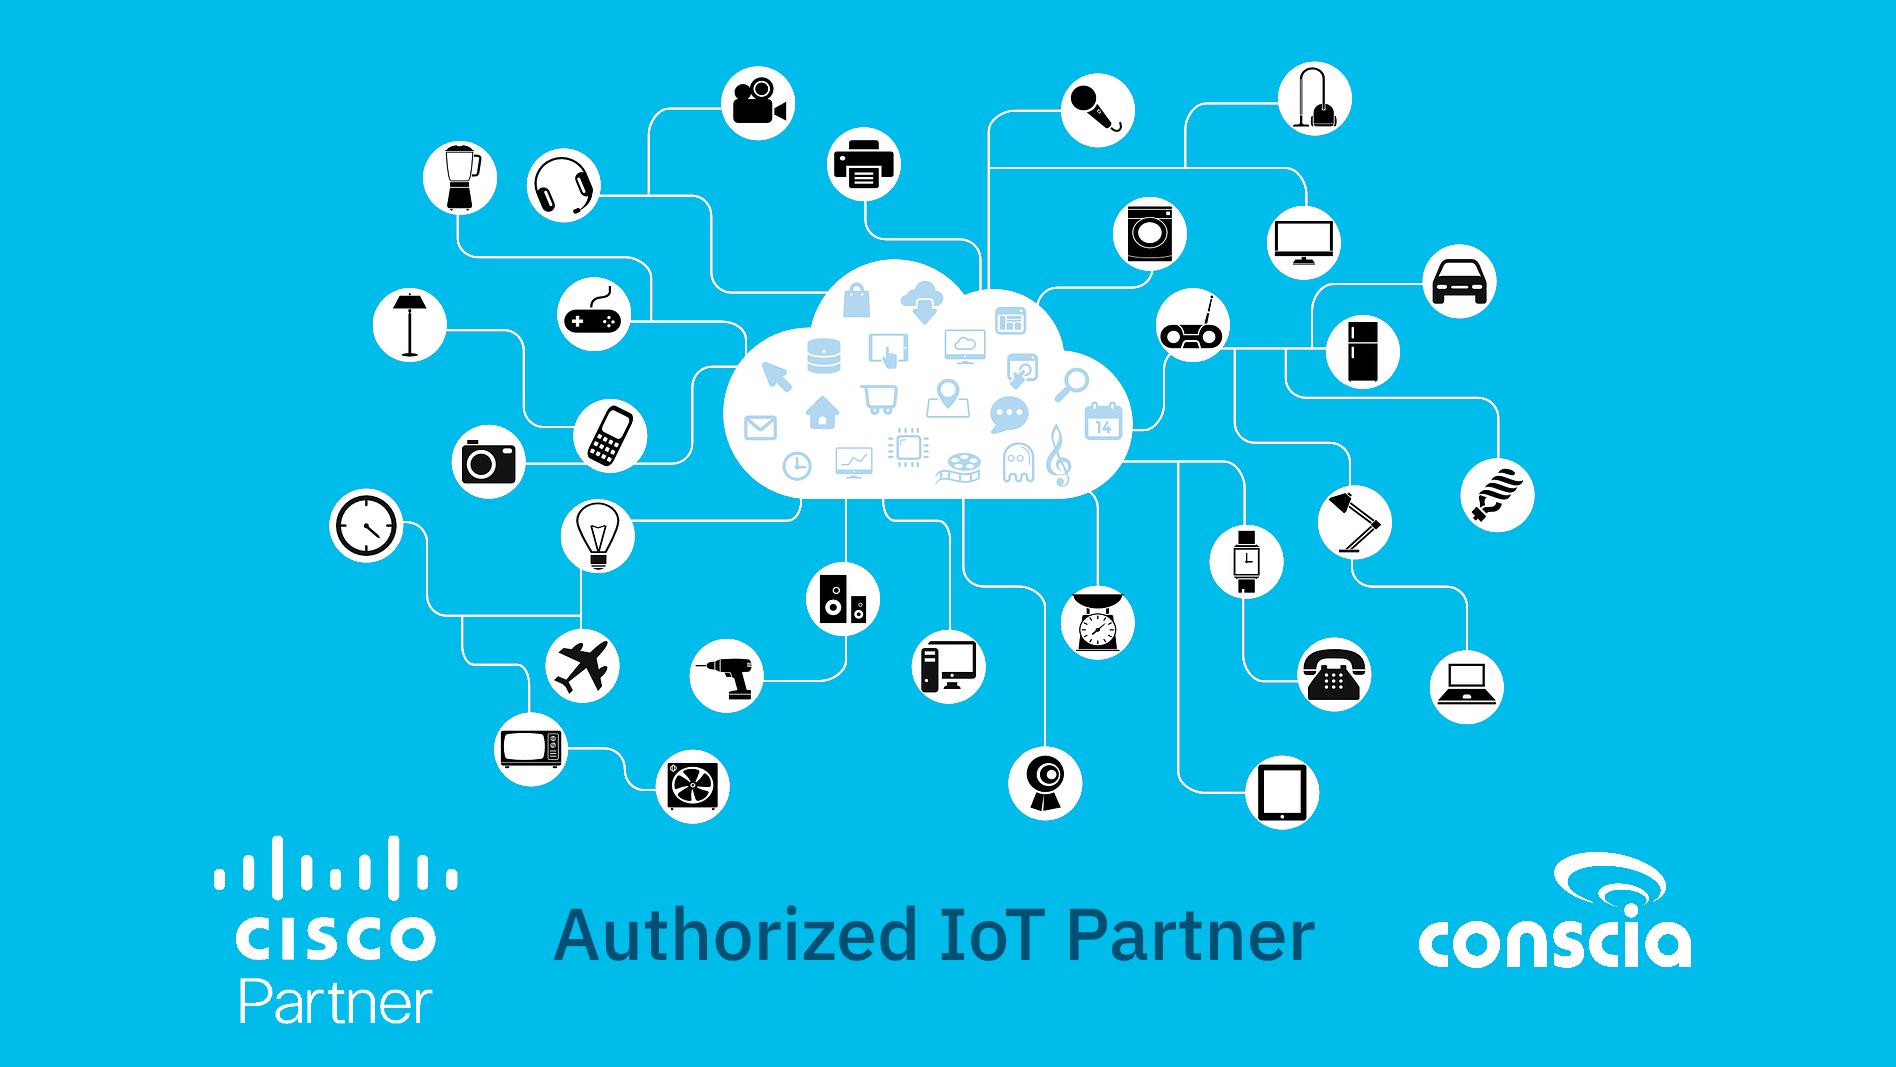 Cisco IoT Partner auktoriserad iot partner industriella nätverk Conscia Sweden